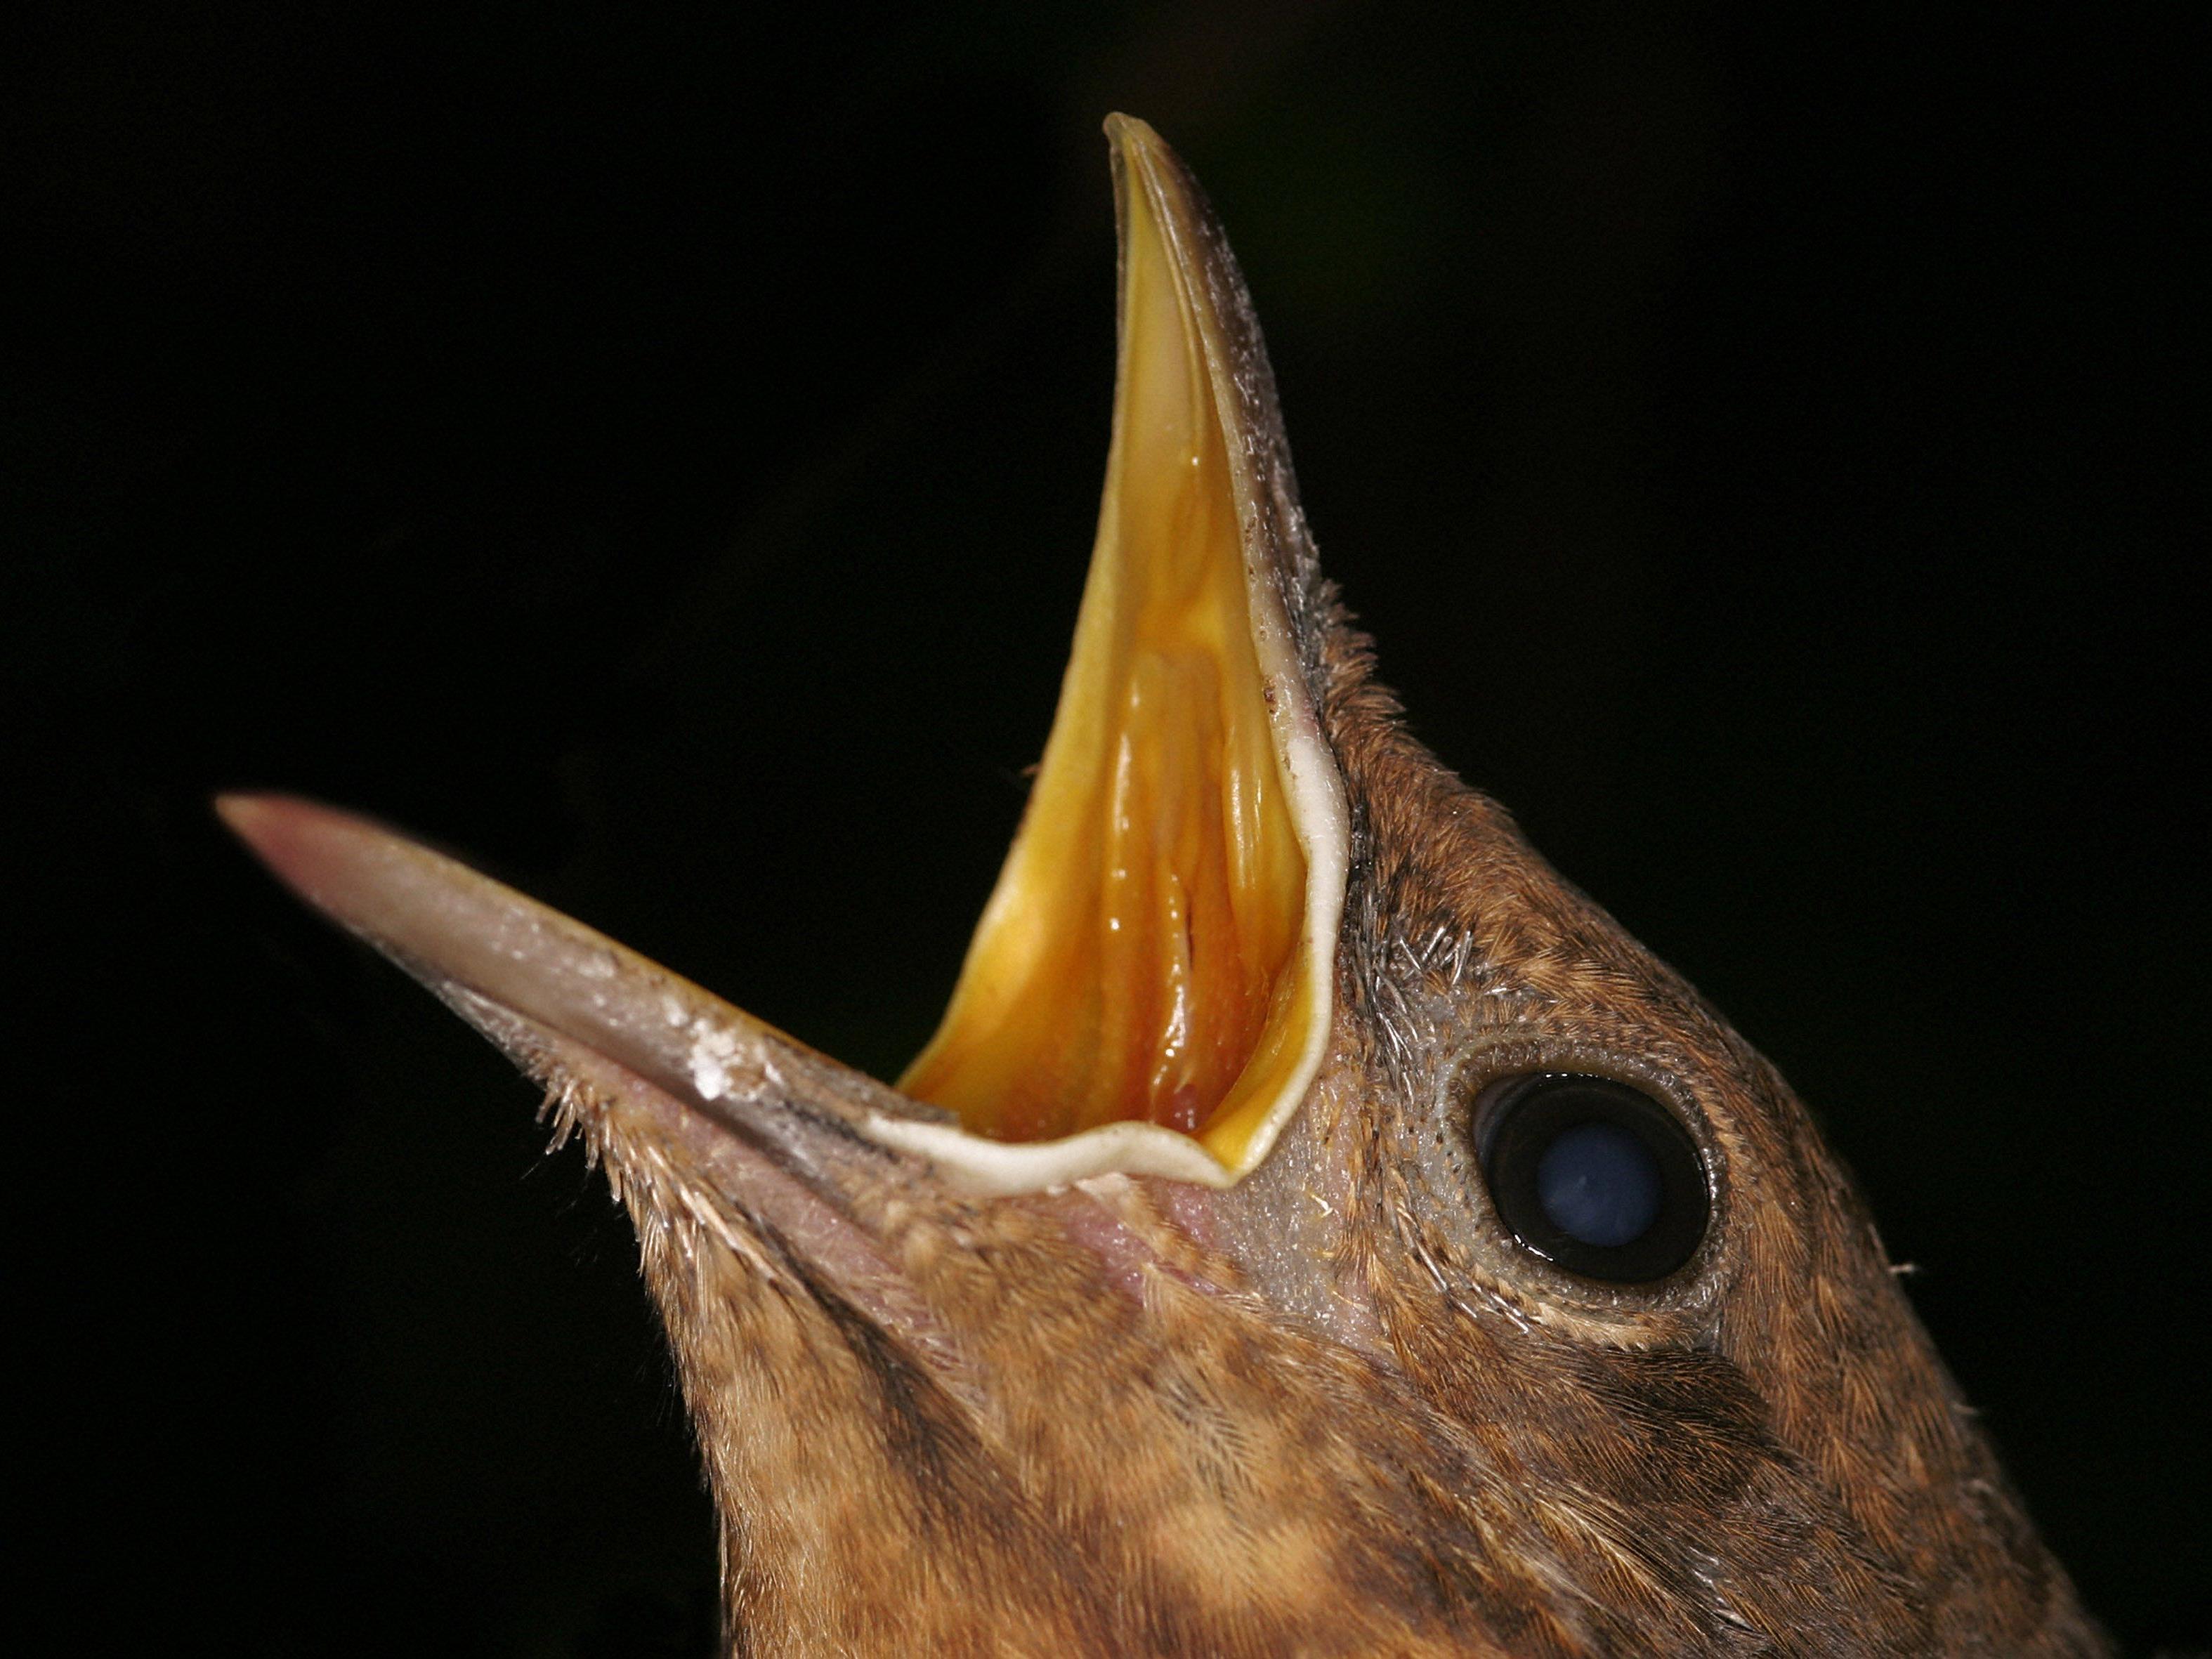 Ein kleiner Teil der heimischen Vogelpopulation stirbt regelmäßig an der Vogelmalaria.